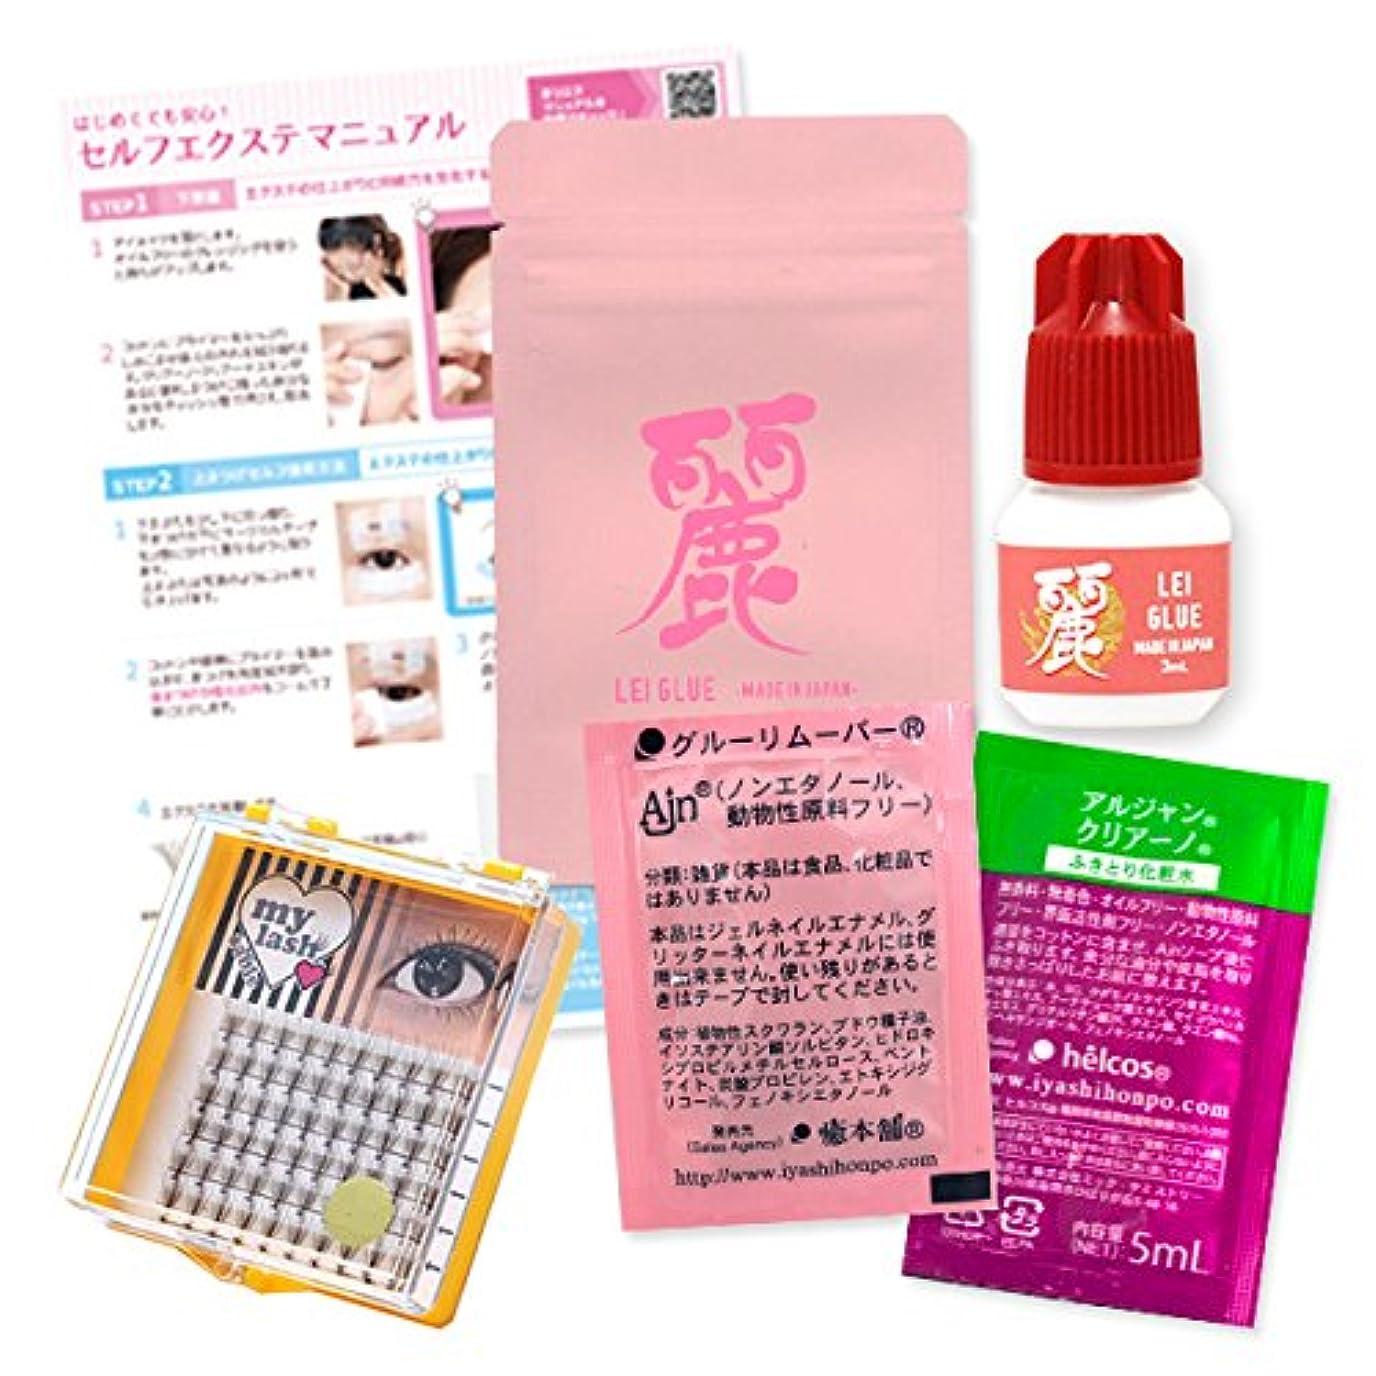 マツエク セルフ my Lash キット 7本束(MIX)と日本製 麗グルーセット まつげエクステ